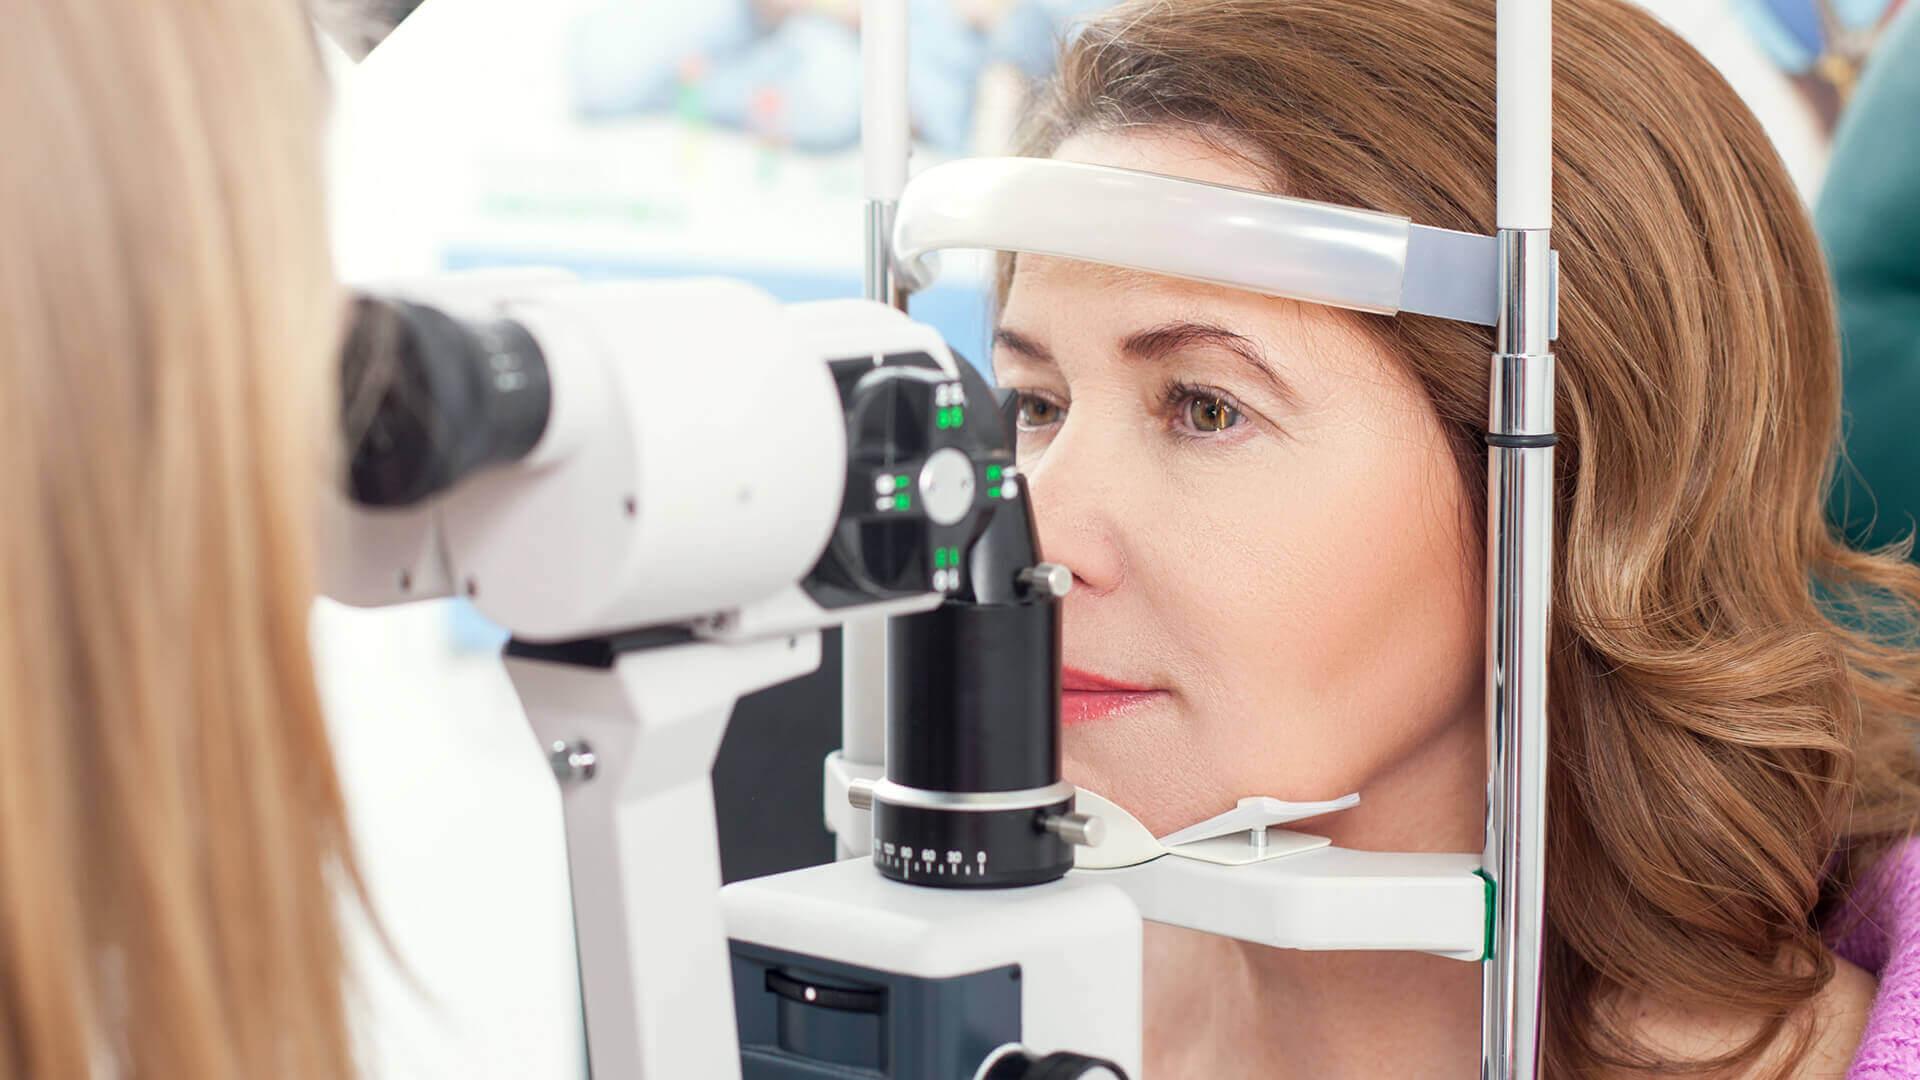 Augenuntersuchung, Lasertherapie und Augenoperation in Essen